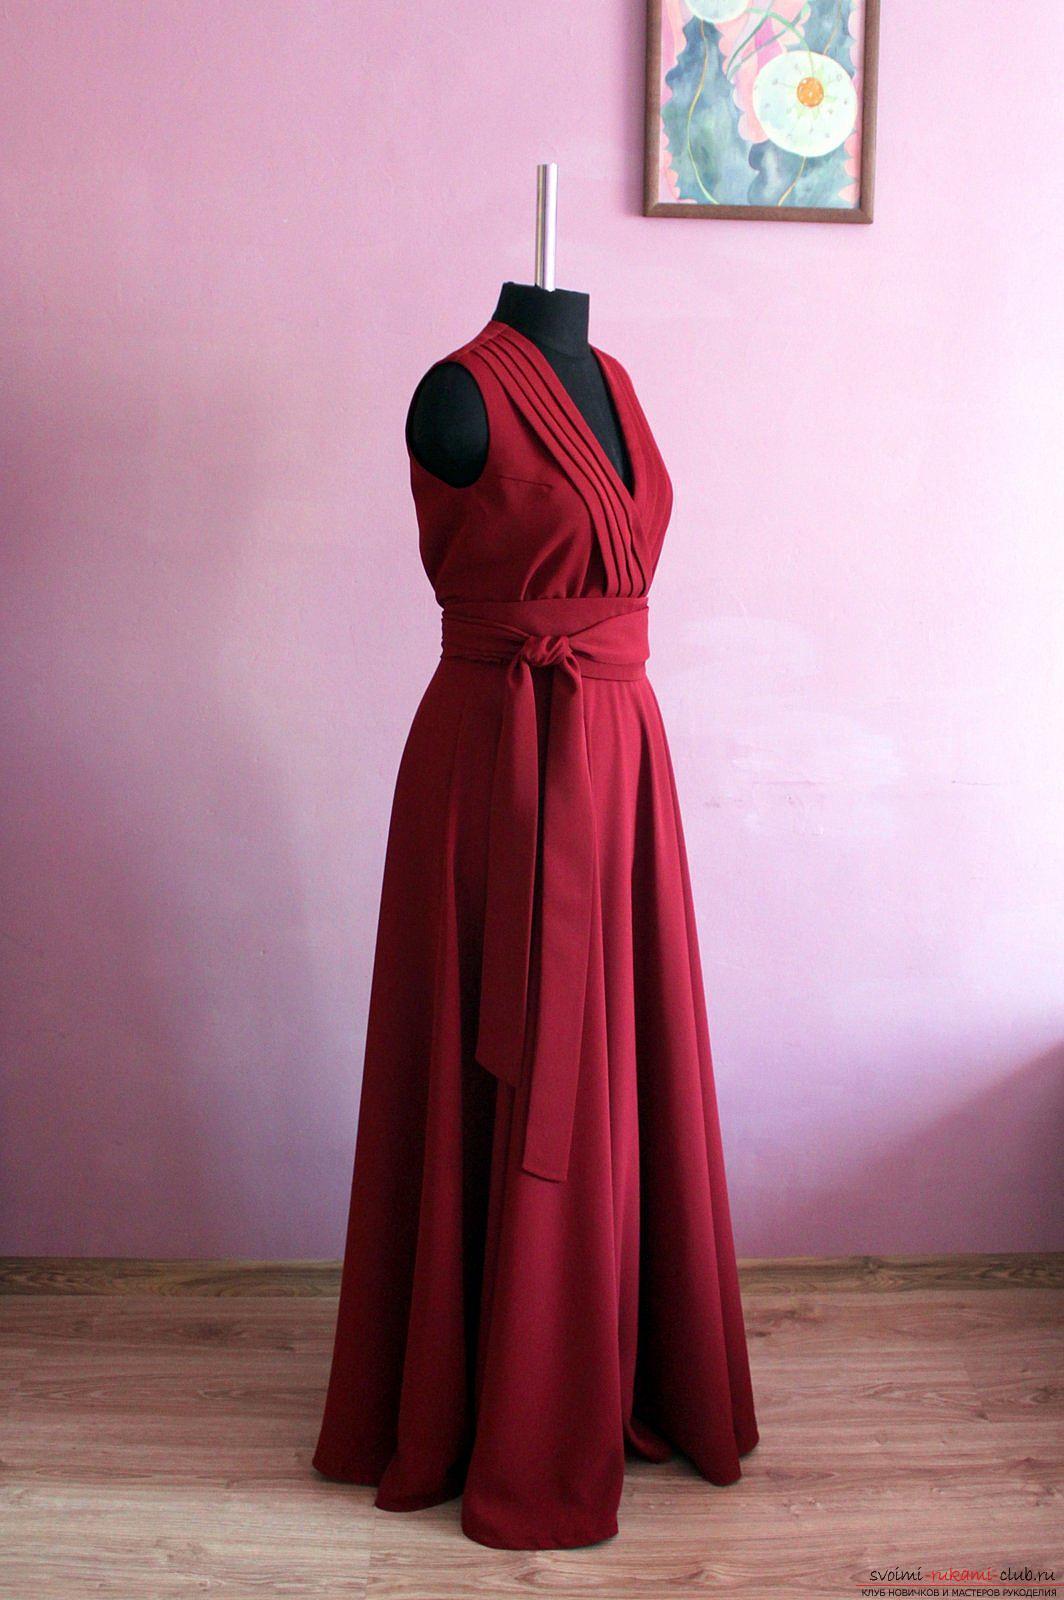 Сшить нарядное платье своими руками мастер класс фото 165